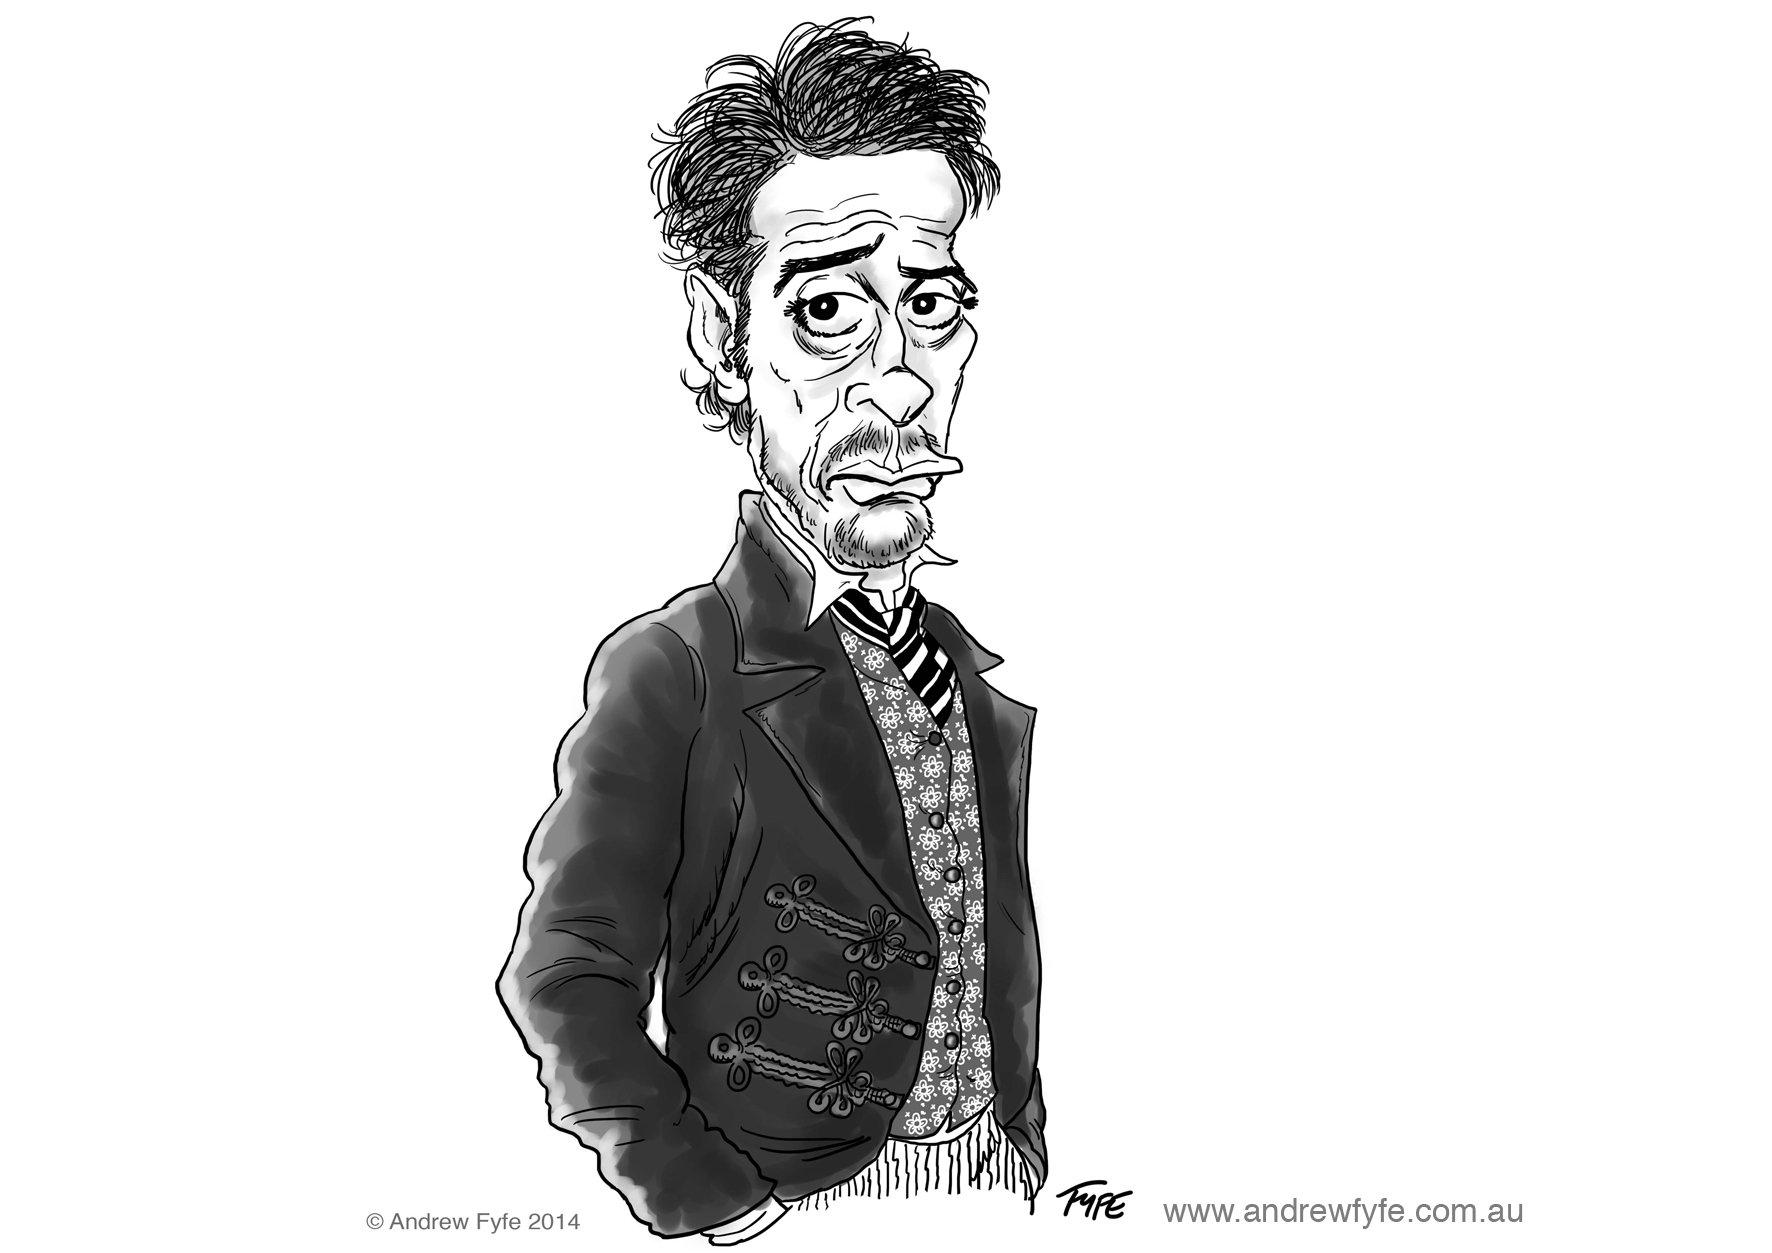 Robert Downey Jr caricature, Robert Downey Jr, Robert Downey Jr cartoon, Sherlock Holmes Robert Downey Jr,